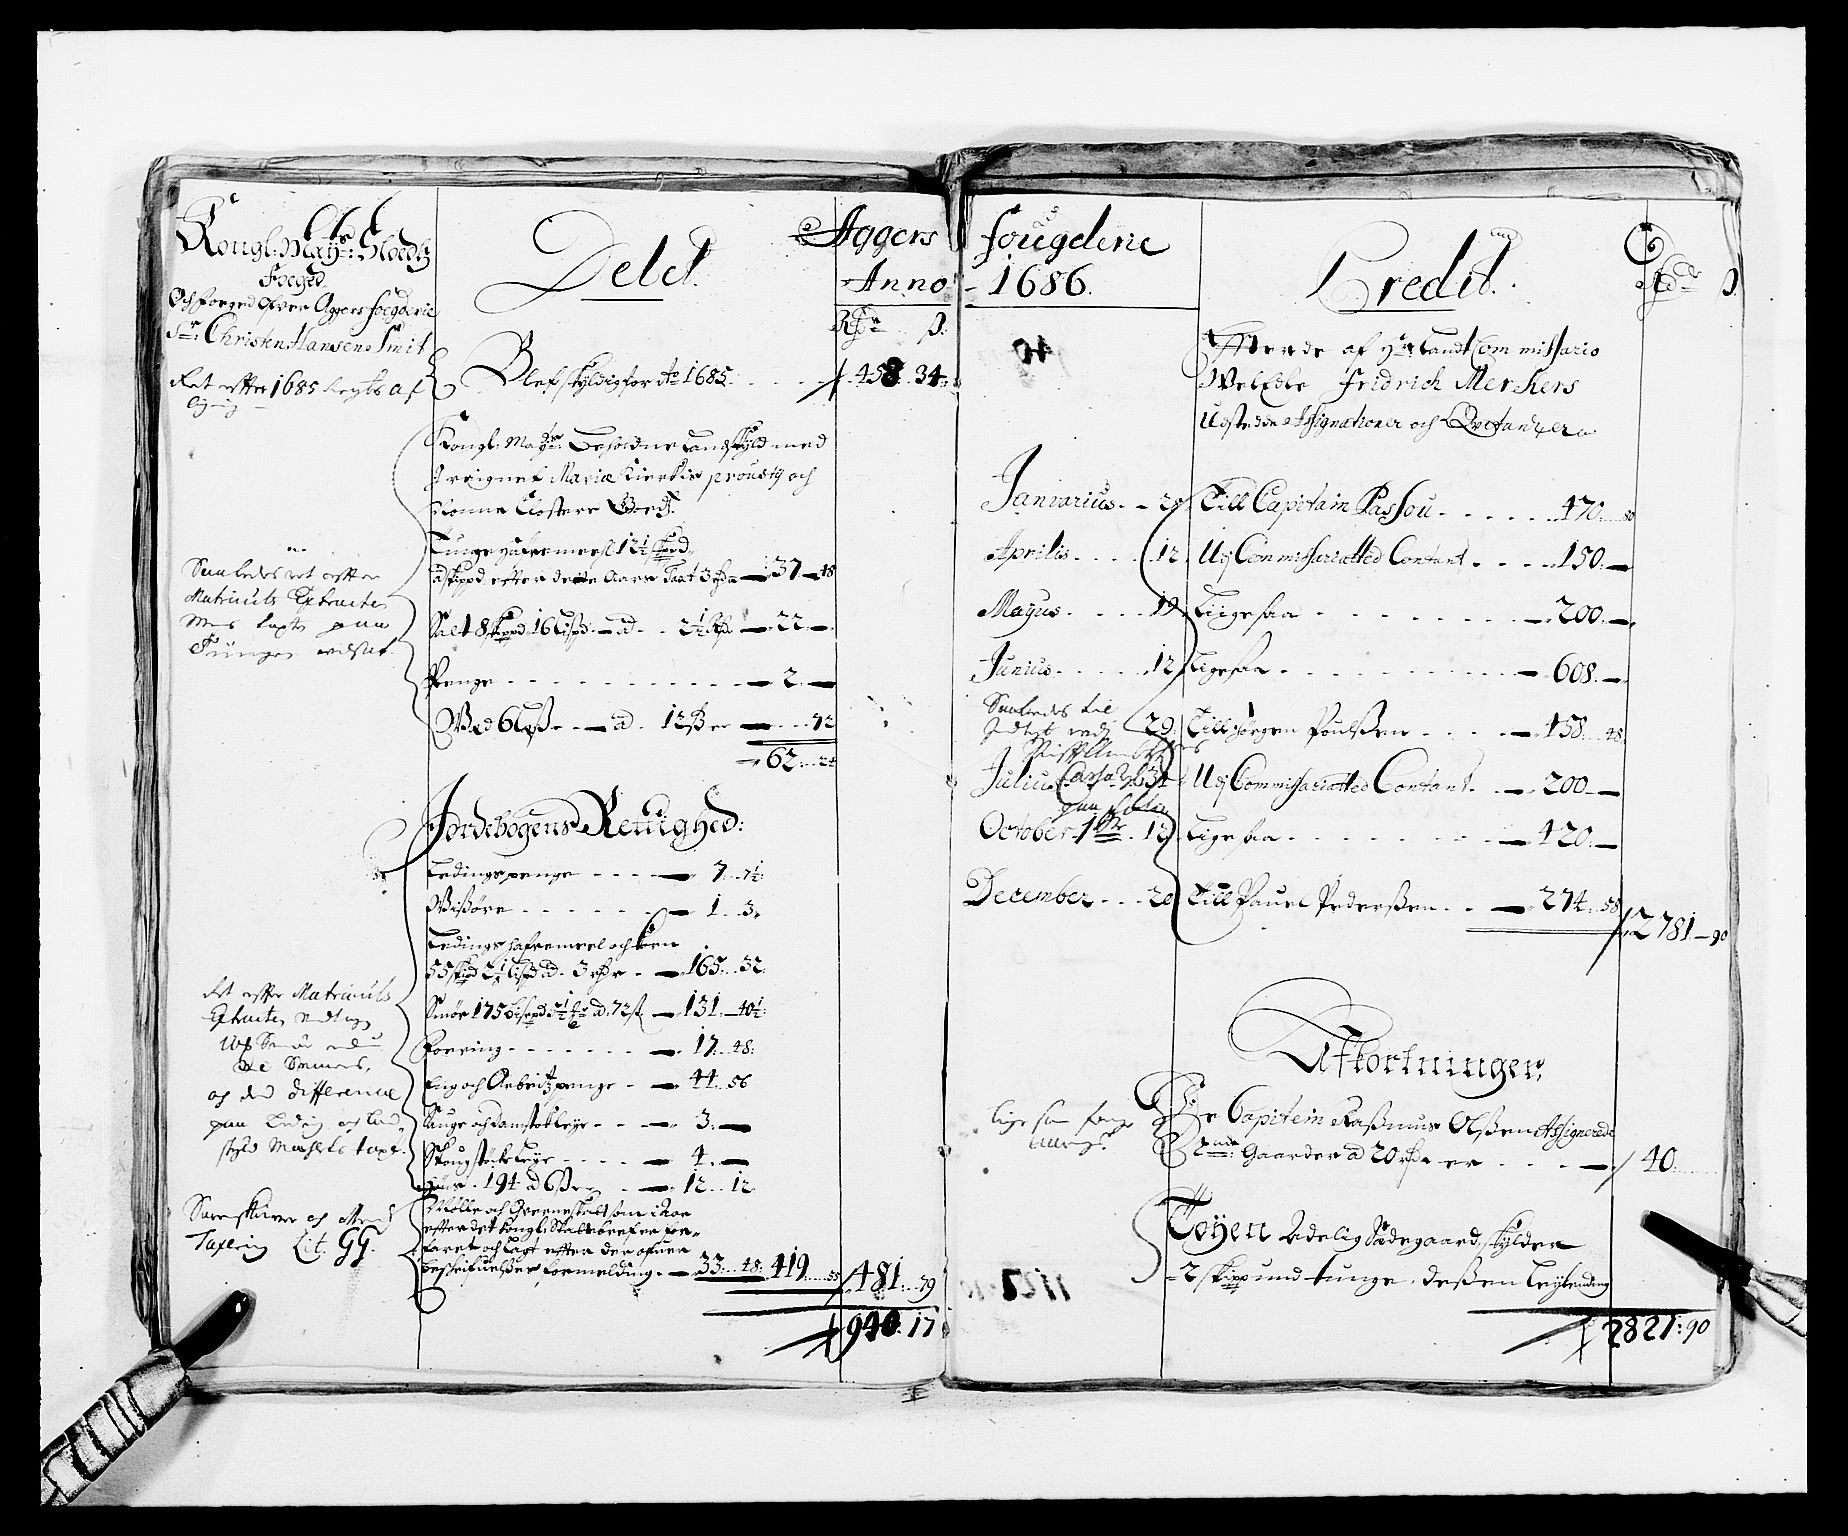 RA, Rentekammeret inntil 1814, Reviderte regnskaper, Fogderegnskap, R08/L0420: Fogderegnskap Aker, 1682-1691, s. 54